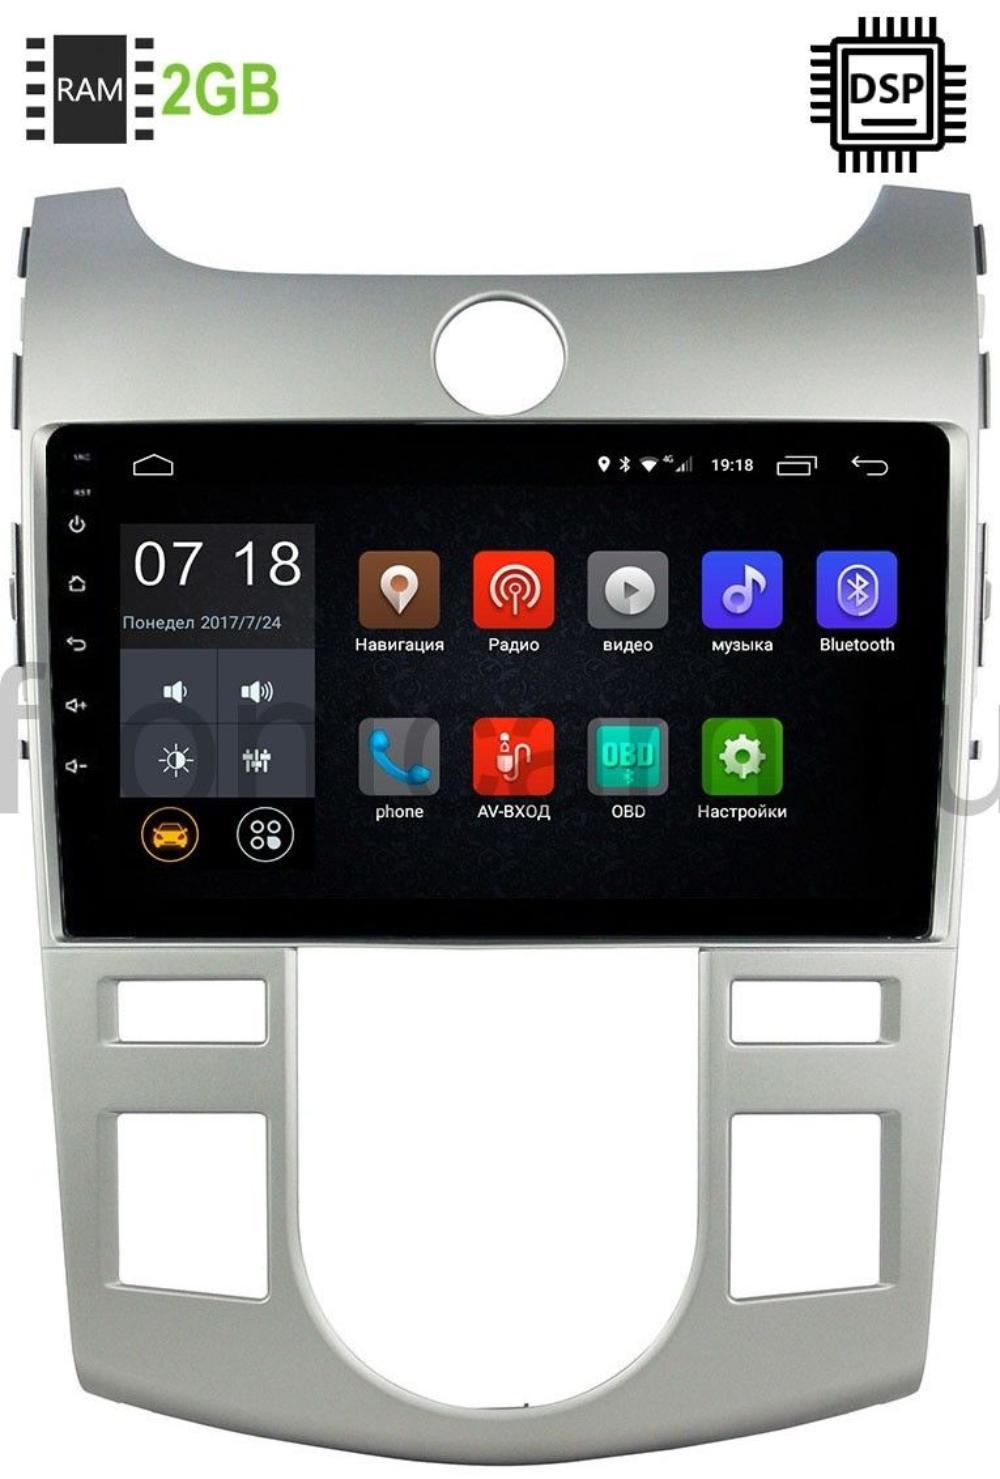 Штатная магнитола Kia Cerato II 2009-2013 LeTrun 2299-2986 Android 9.0 9 дюймов (DSP 2/16GB) 9127 (+ Камера заднего вида в подарок!)